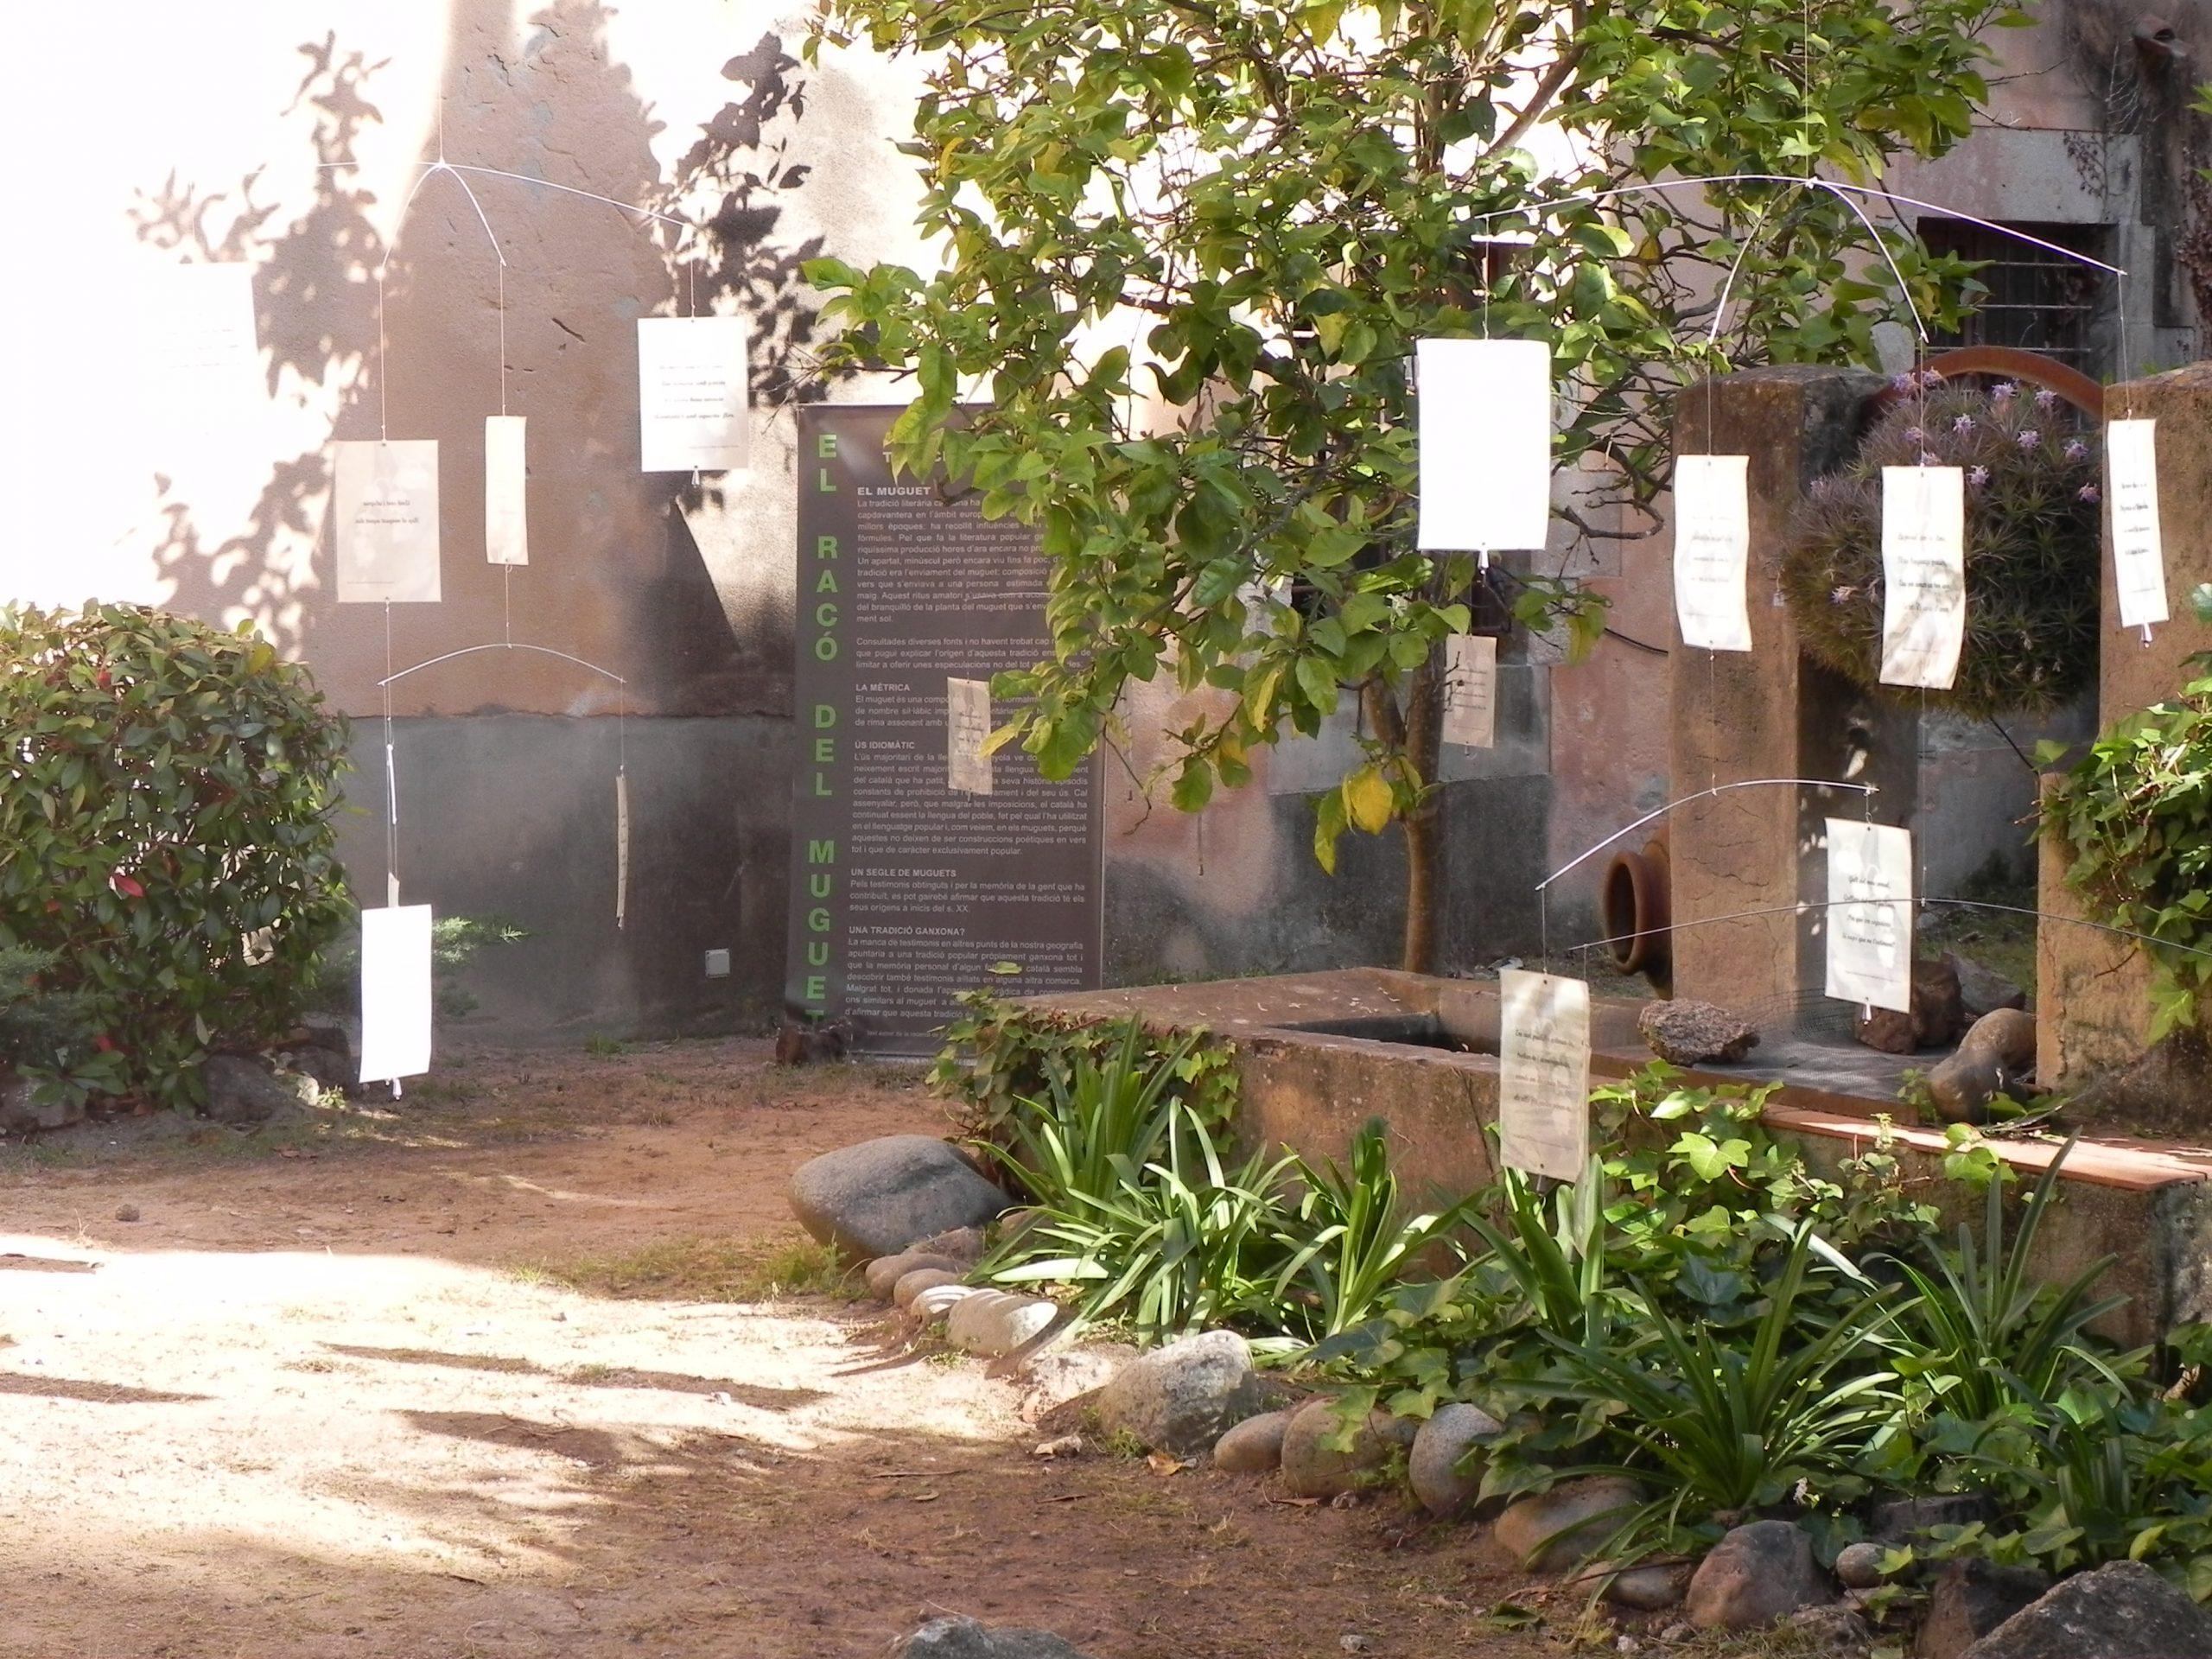 Racó del muguet a l'Hort del Rector (Monestir de Sant Feliu de Guíxols), 2011 Ajuntament de Sant Feliu de Guíxols (Autor: Pere Carreras)